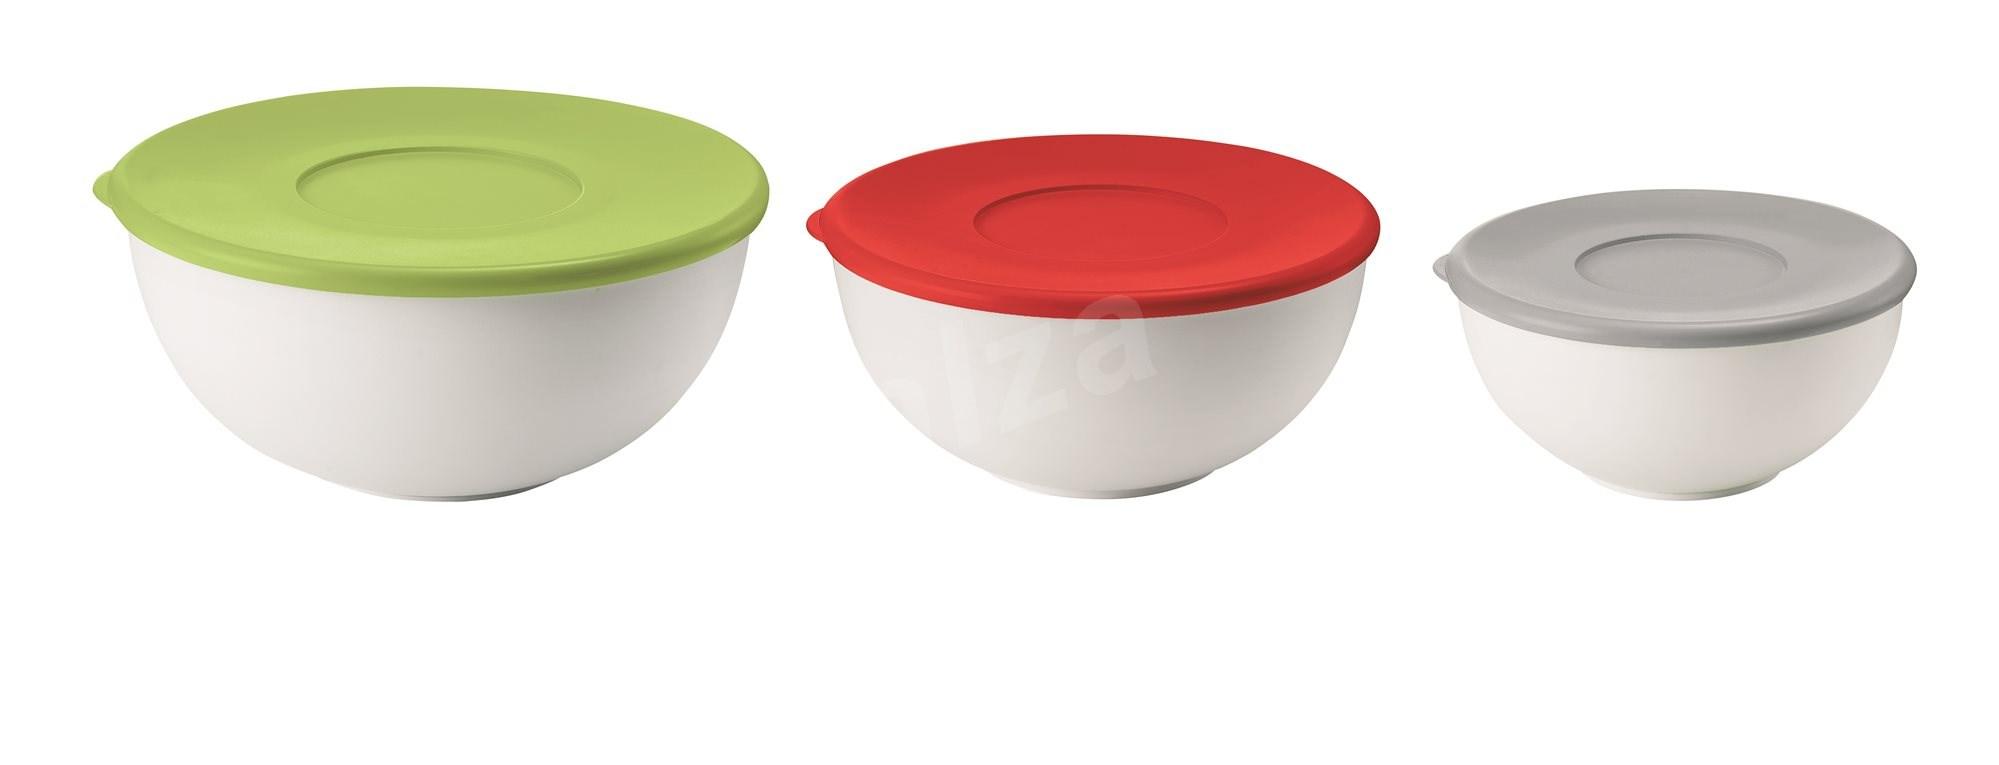 Guzzini fedeles műanyag tárolóedény készlet- 3 db KITCHEN ACTIVE DESIGN - Salátástál